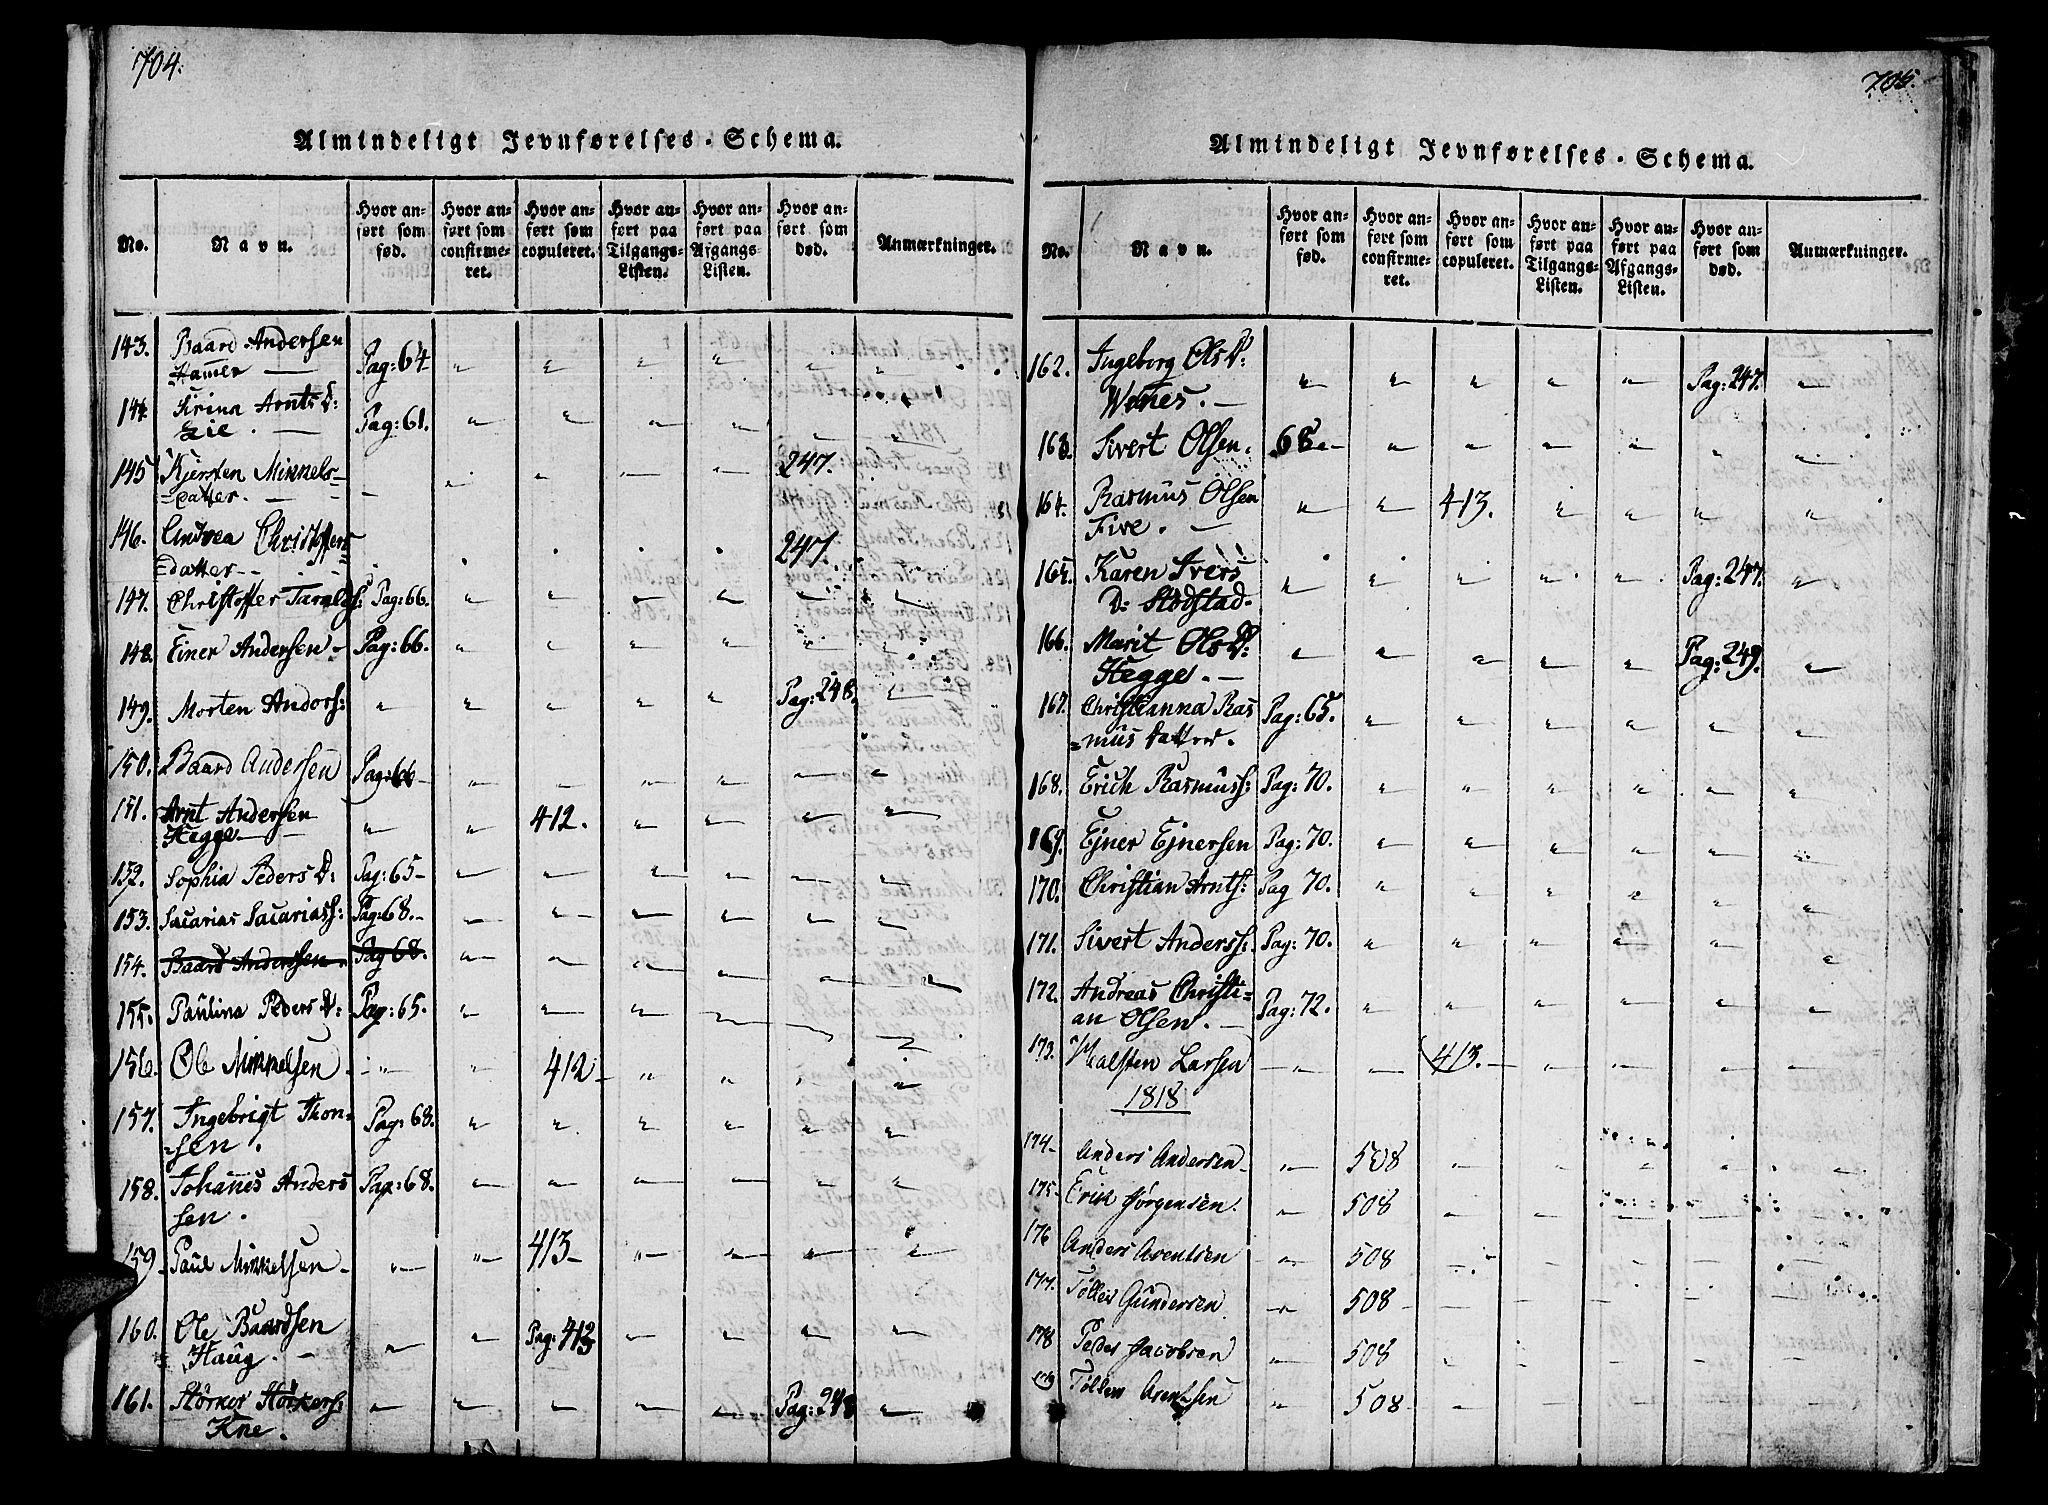 SAT, Ministerialprotokoller, klokkerbøker og fødselsregistre - Nord-Trøndelag, 746/L0441: Ministerialbok nr. 746A03 /2, 1816-1827, s. 704-705